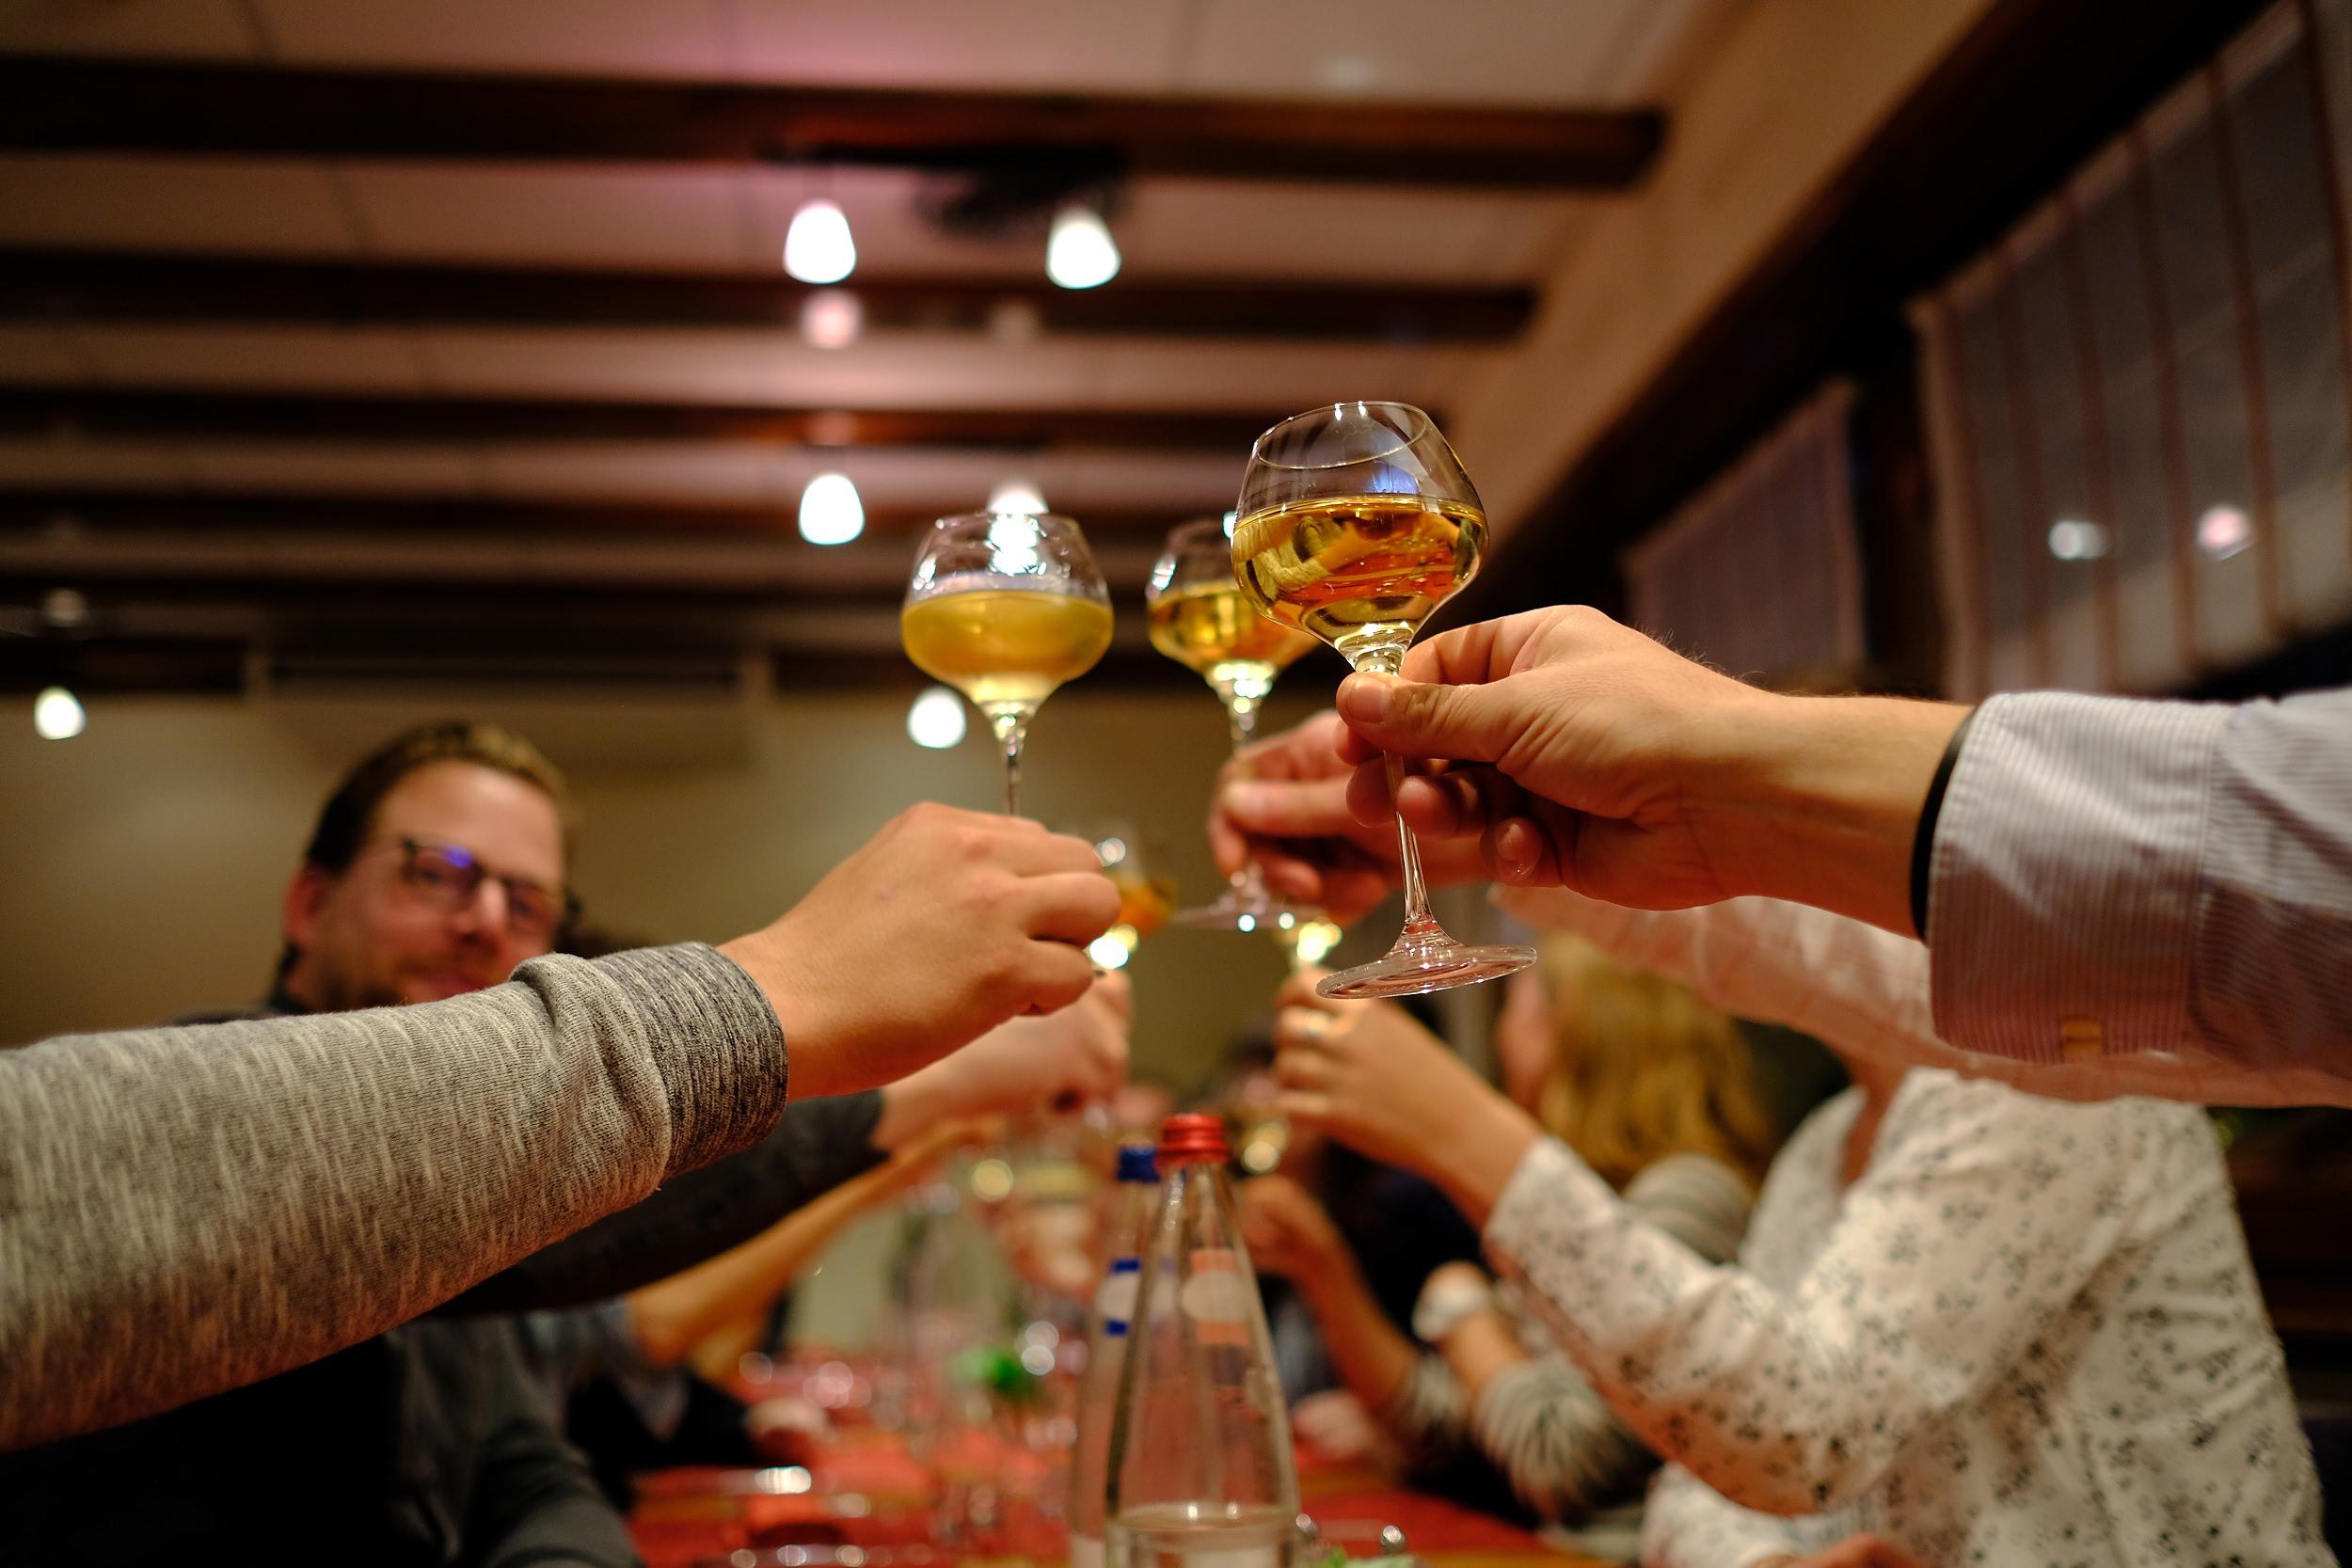 fotoreportage-wijn produceren-Vignoble des 2 lunes-Bosman Wijnkopers-448.jpg